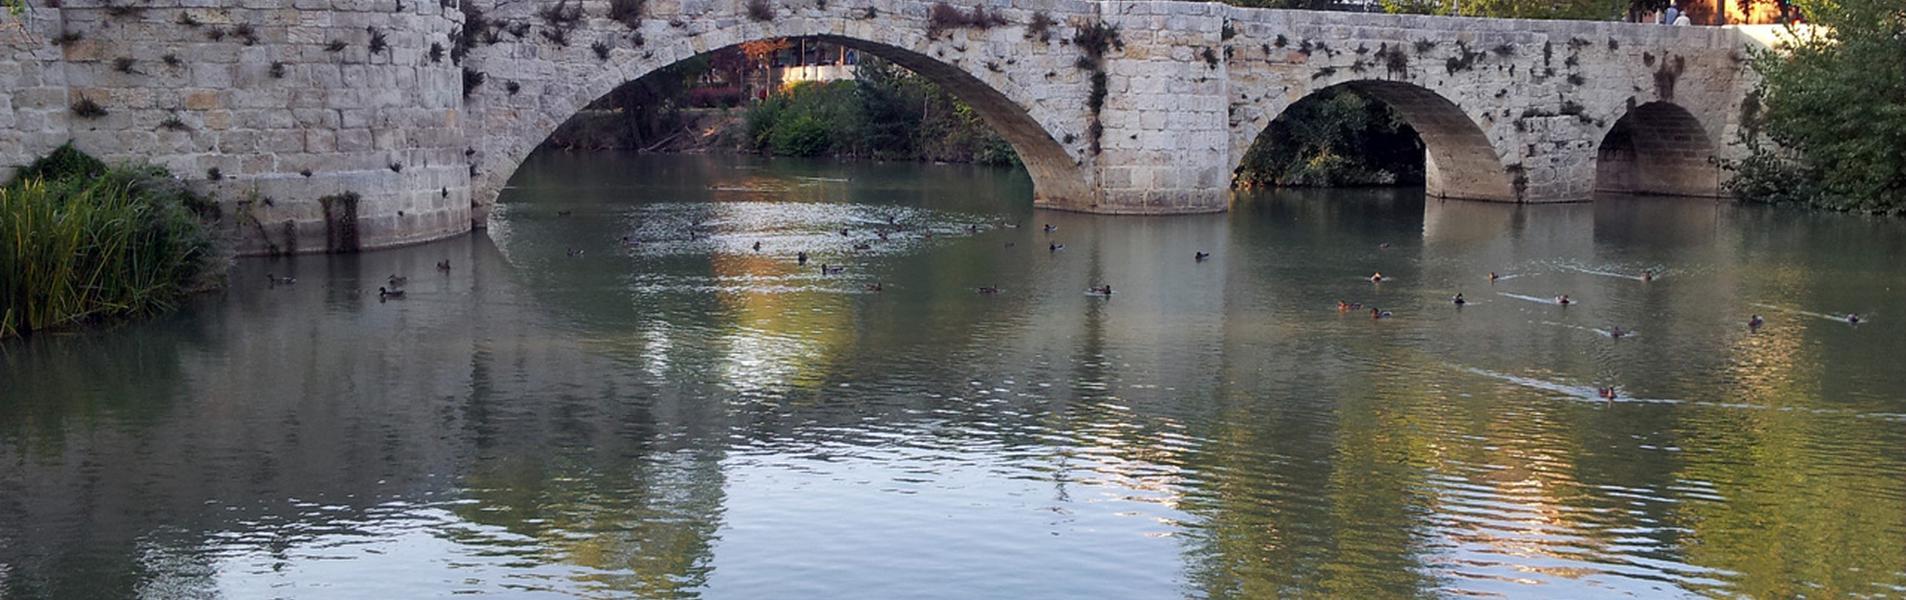 Puente de Puentecillas